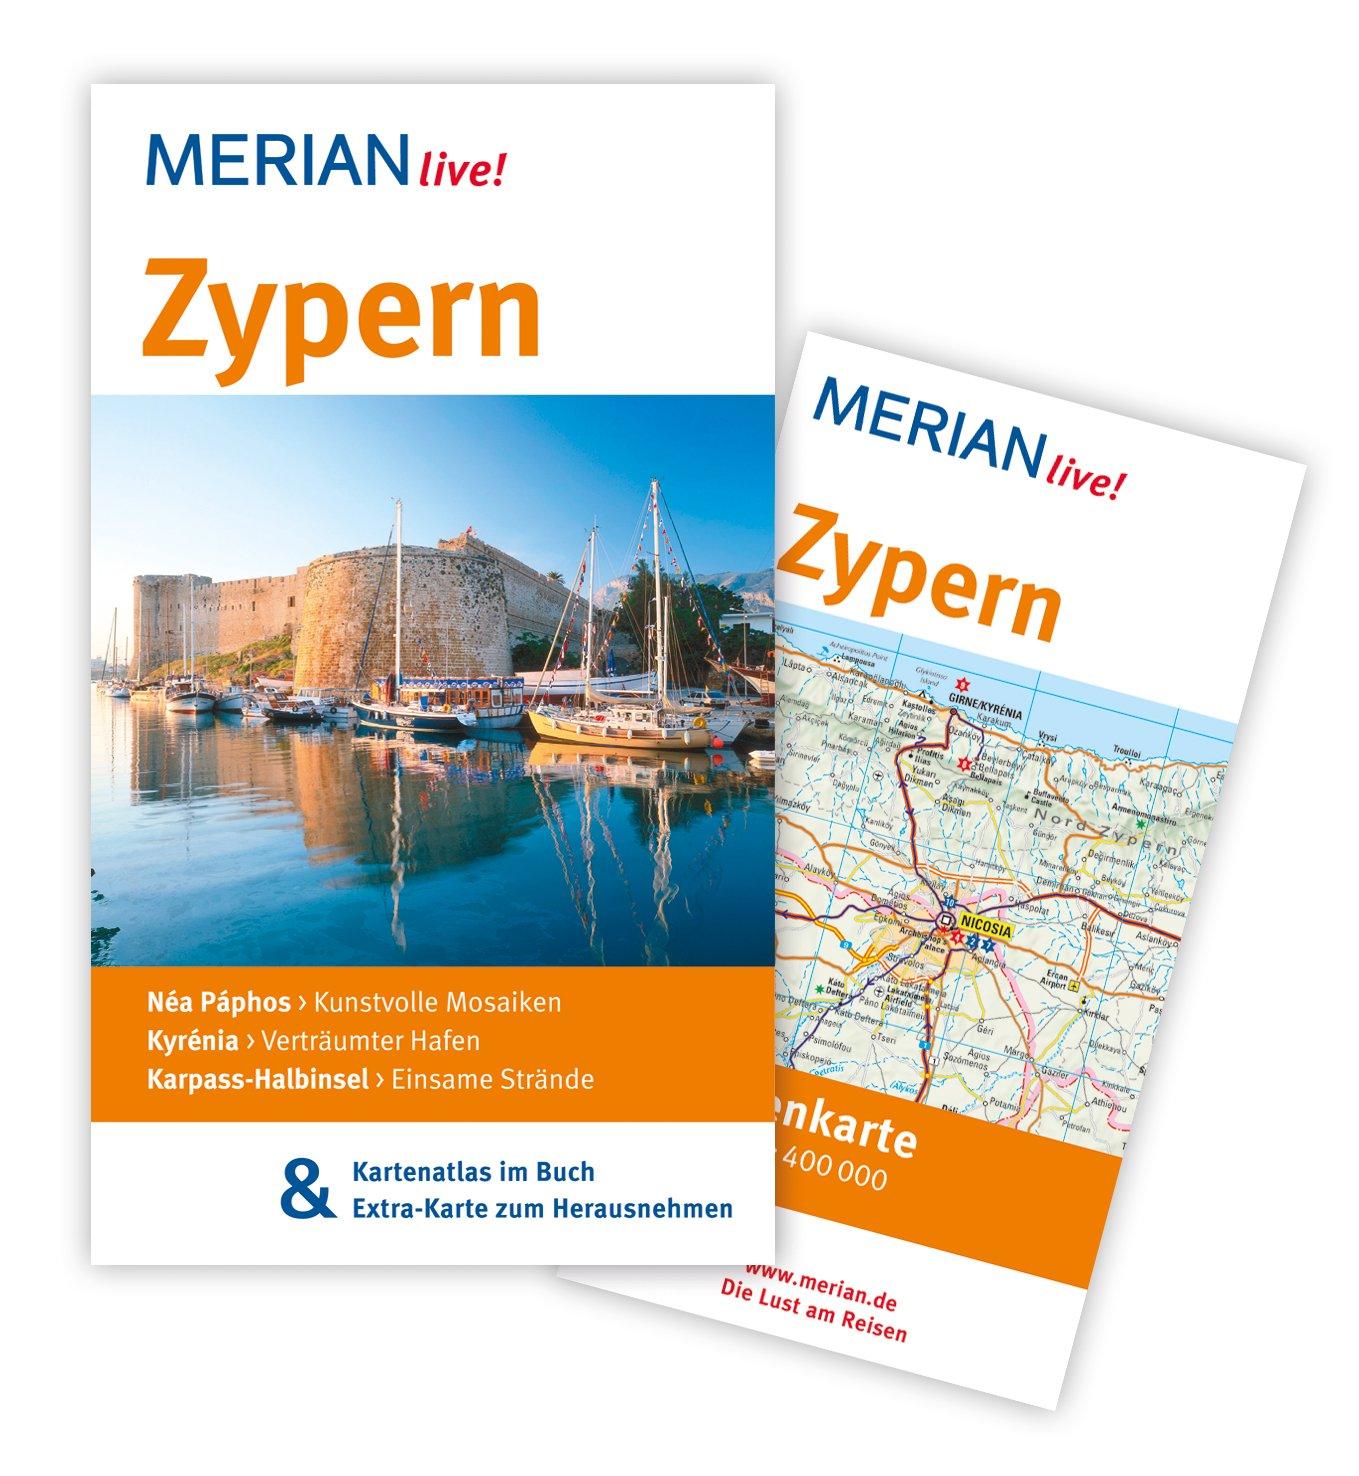 MERIAN live! Reiseführer Zypern: MERIAN live! - Mit Kartenatlas im Buch und Extra-Karte zum Herausnehmen